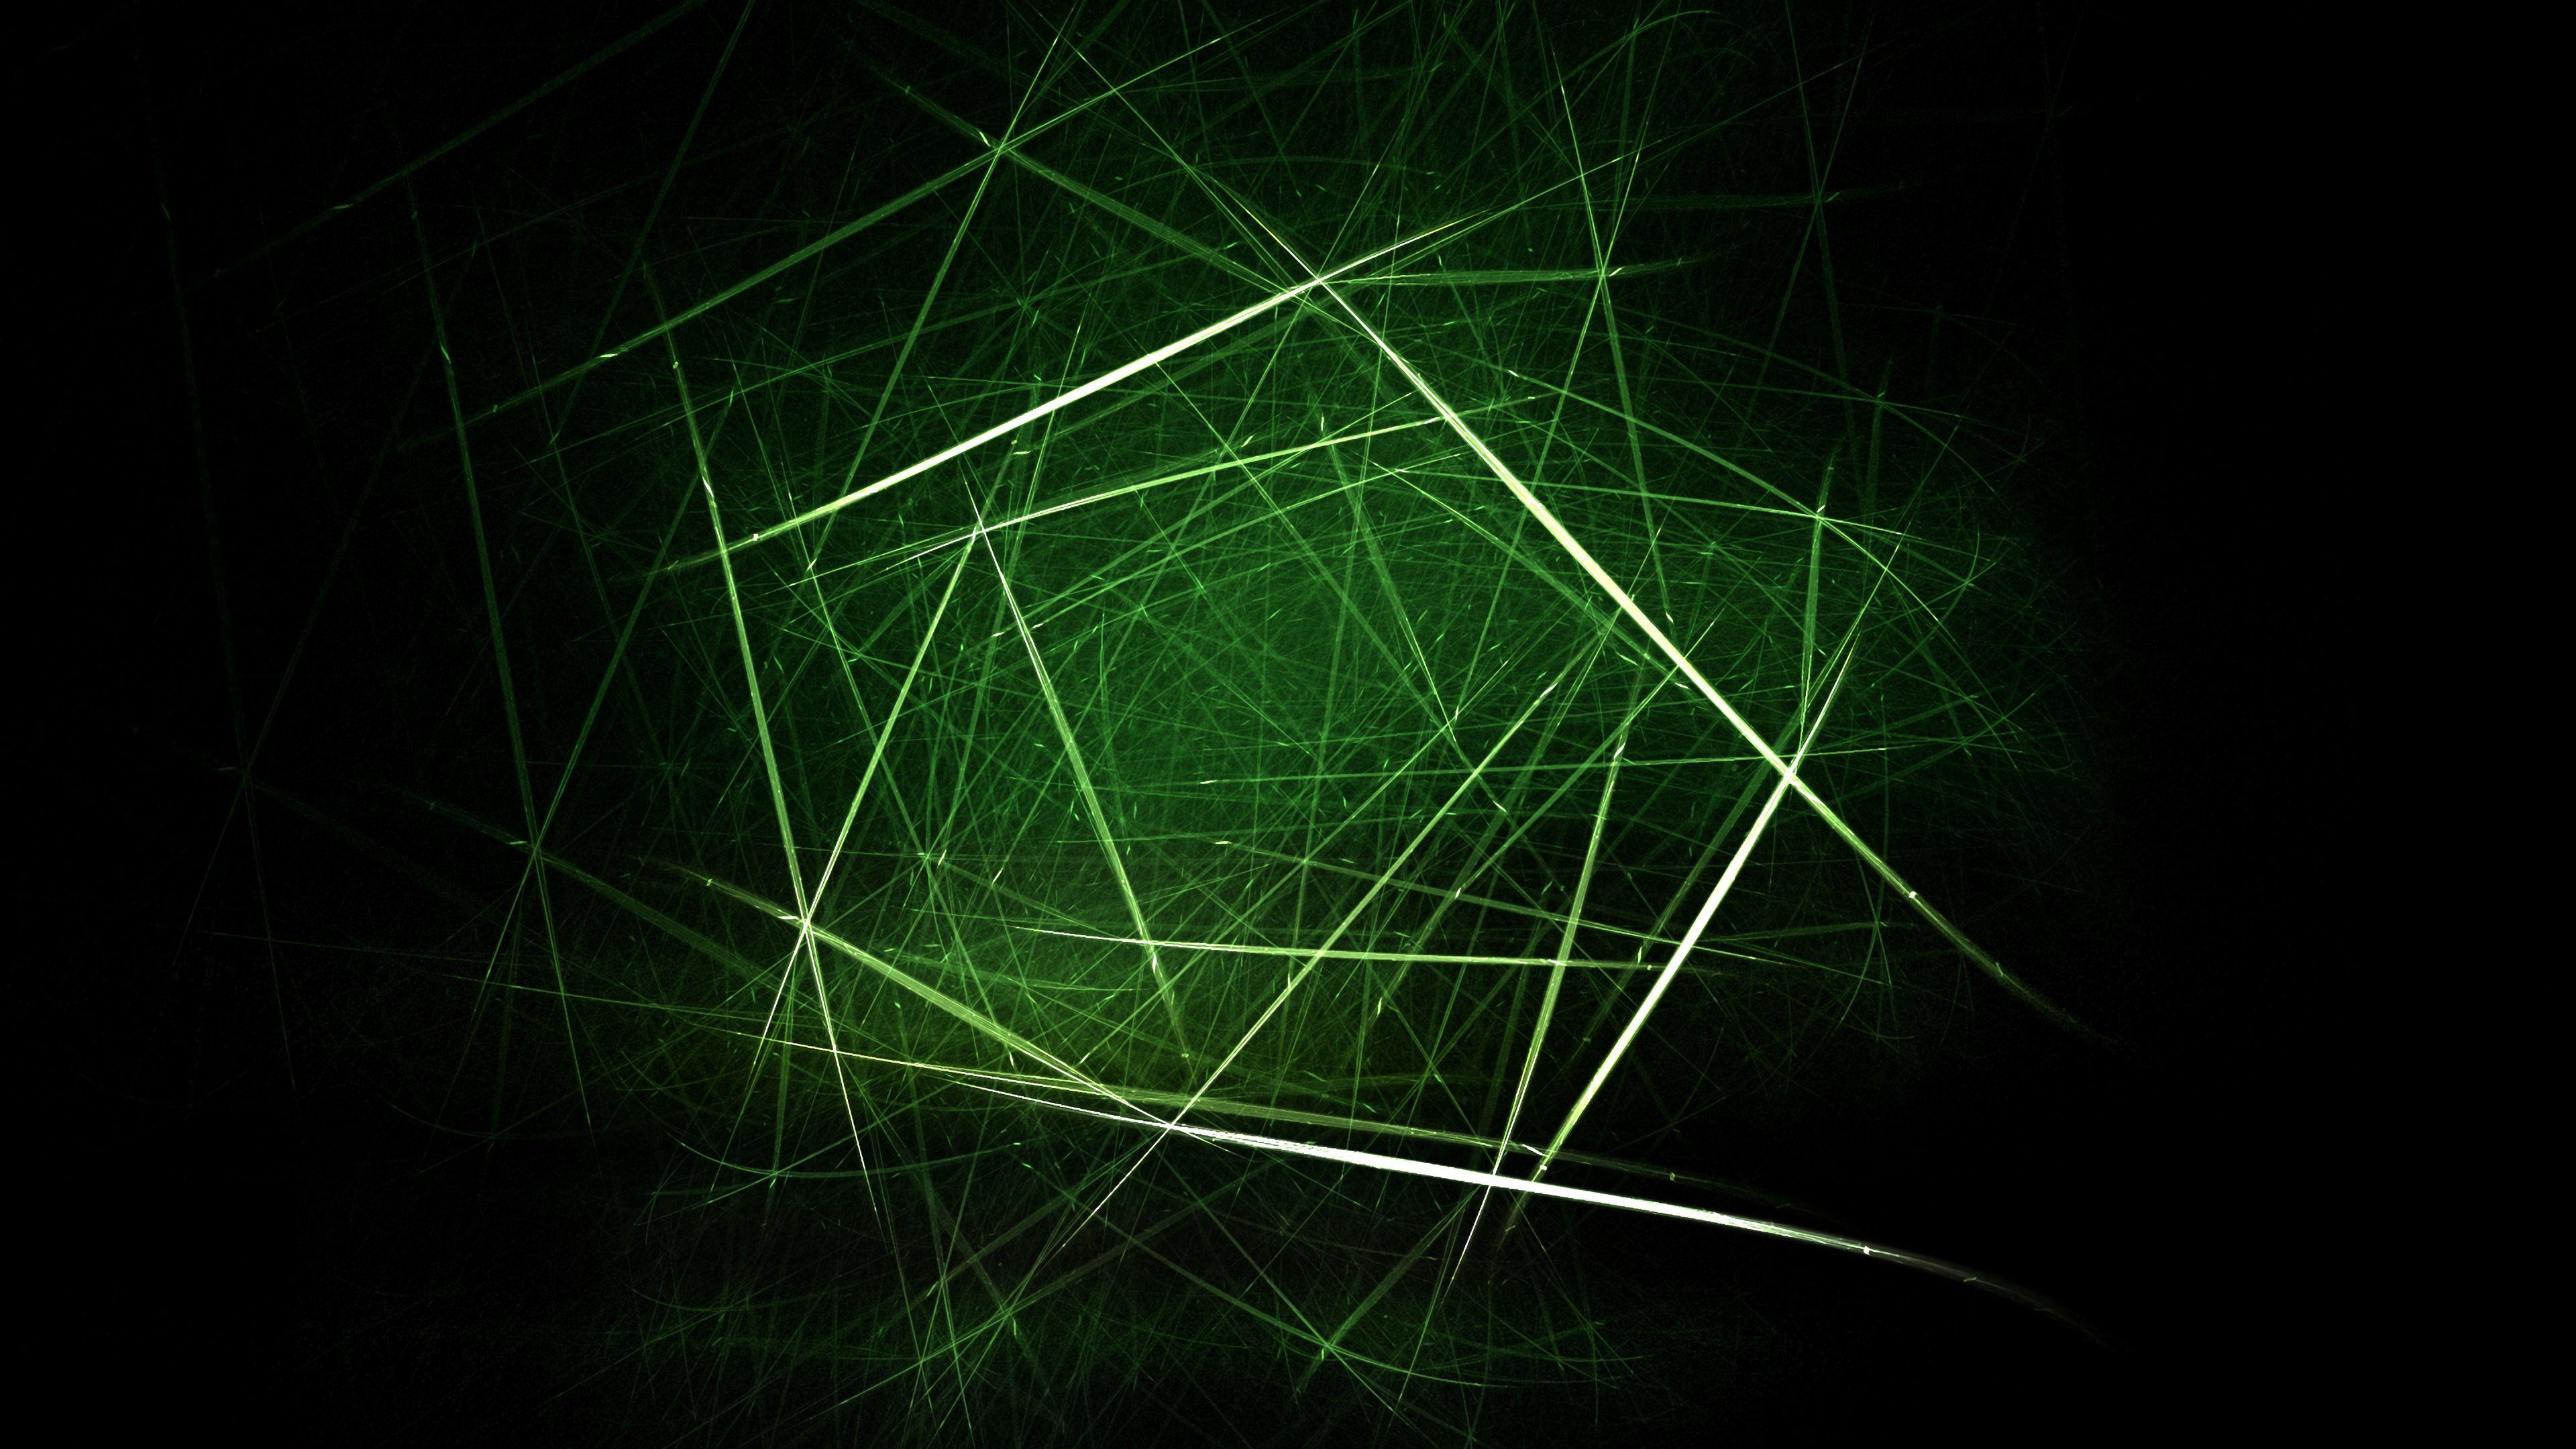 116679 скачать обои Абстракция, Линии, Штрихи, Пересечение, Запутанный, Зеленый - заставки и картинки бесплатно